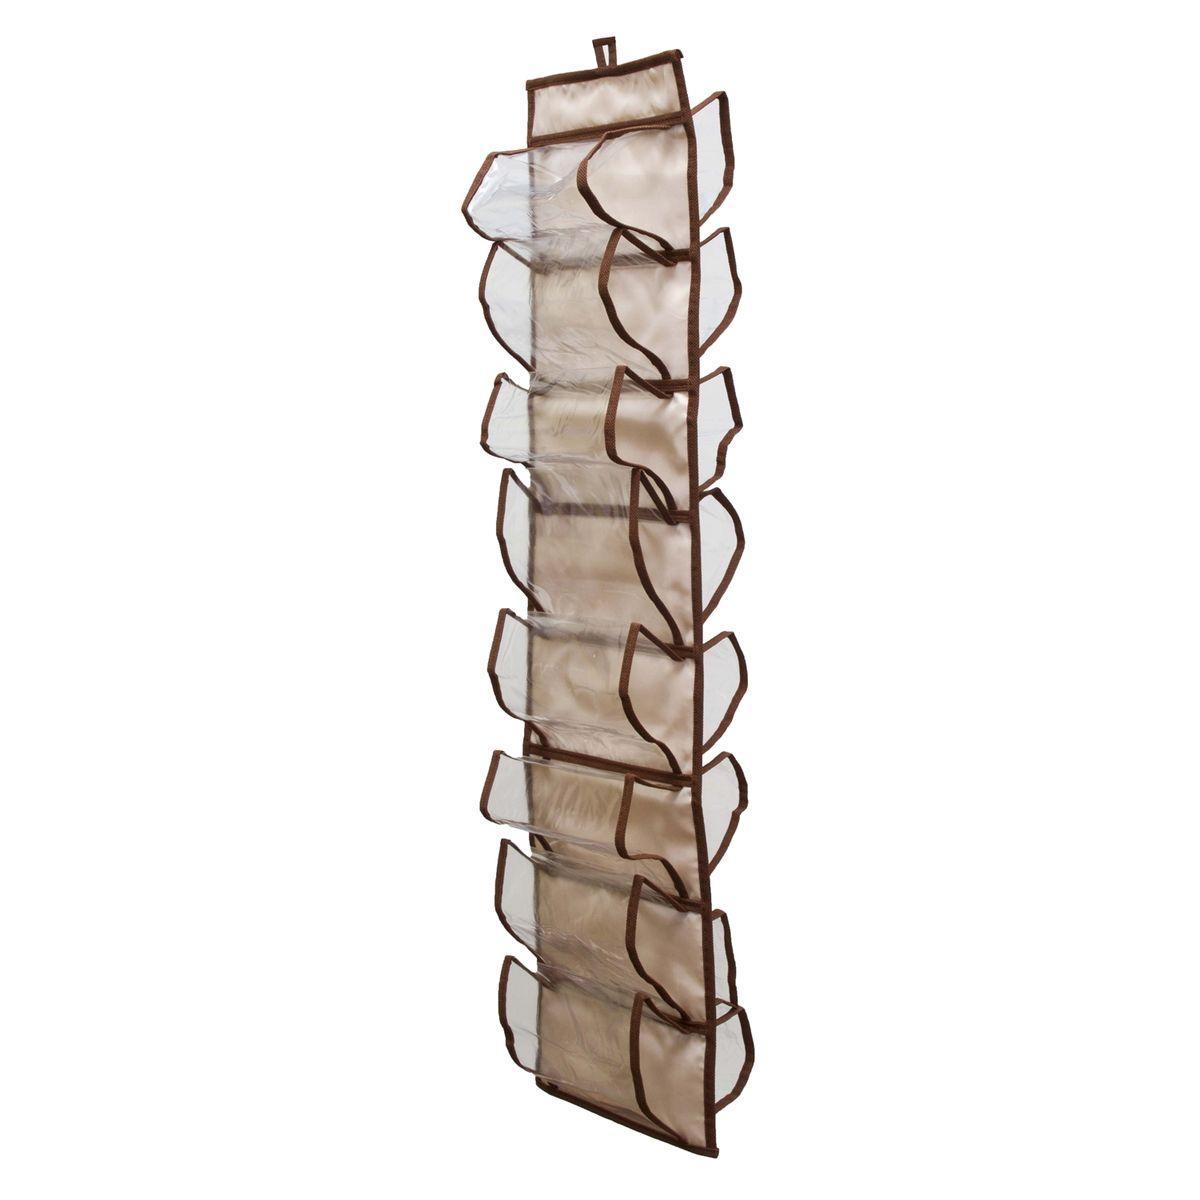 Органайзер для хранения шарфов и мелочей Homsu Bora-Bora, подвесной, 20 х 80 смZ-0307Подвесной двусторонний органайзер для хранения Homsu Bora-Bora изготовлен из высококачественного нетканого материала (полиэстер). Изделие позволяет сохранить естественную вентиляцию, а воздуху свободно проникать внутрь, не пропуская пыль. Органайзер оснащен 16 раздельными секциями. Идеально подходит для хранения разных мелочей в шкафу. Мобильность конструкции обеспечивает складывание и раскладывание одним движением. Размер органайзера: 20 х 80 см.